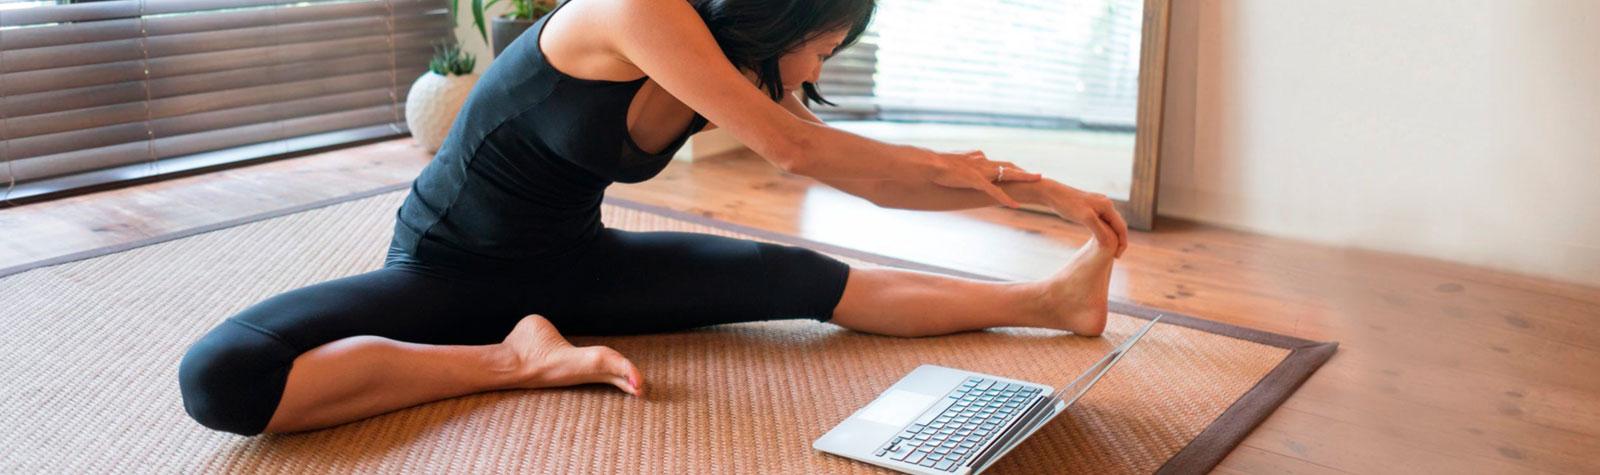 Yoga Online en Chicureo